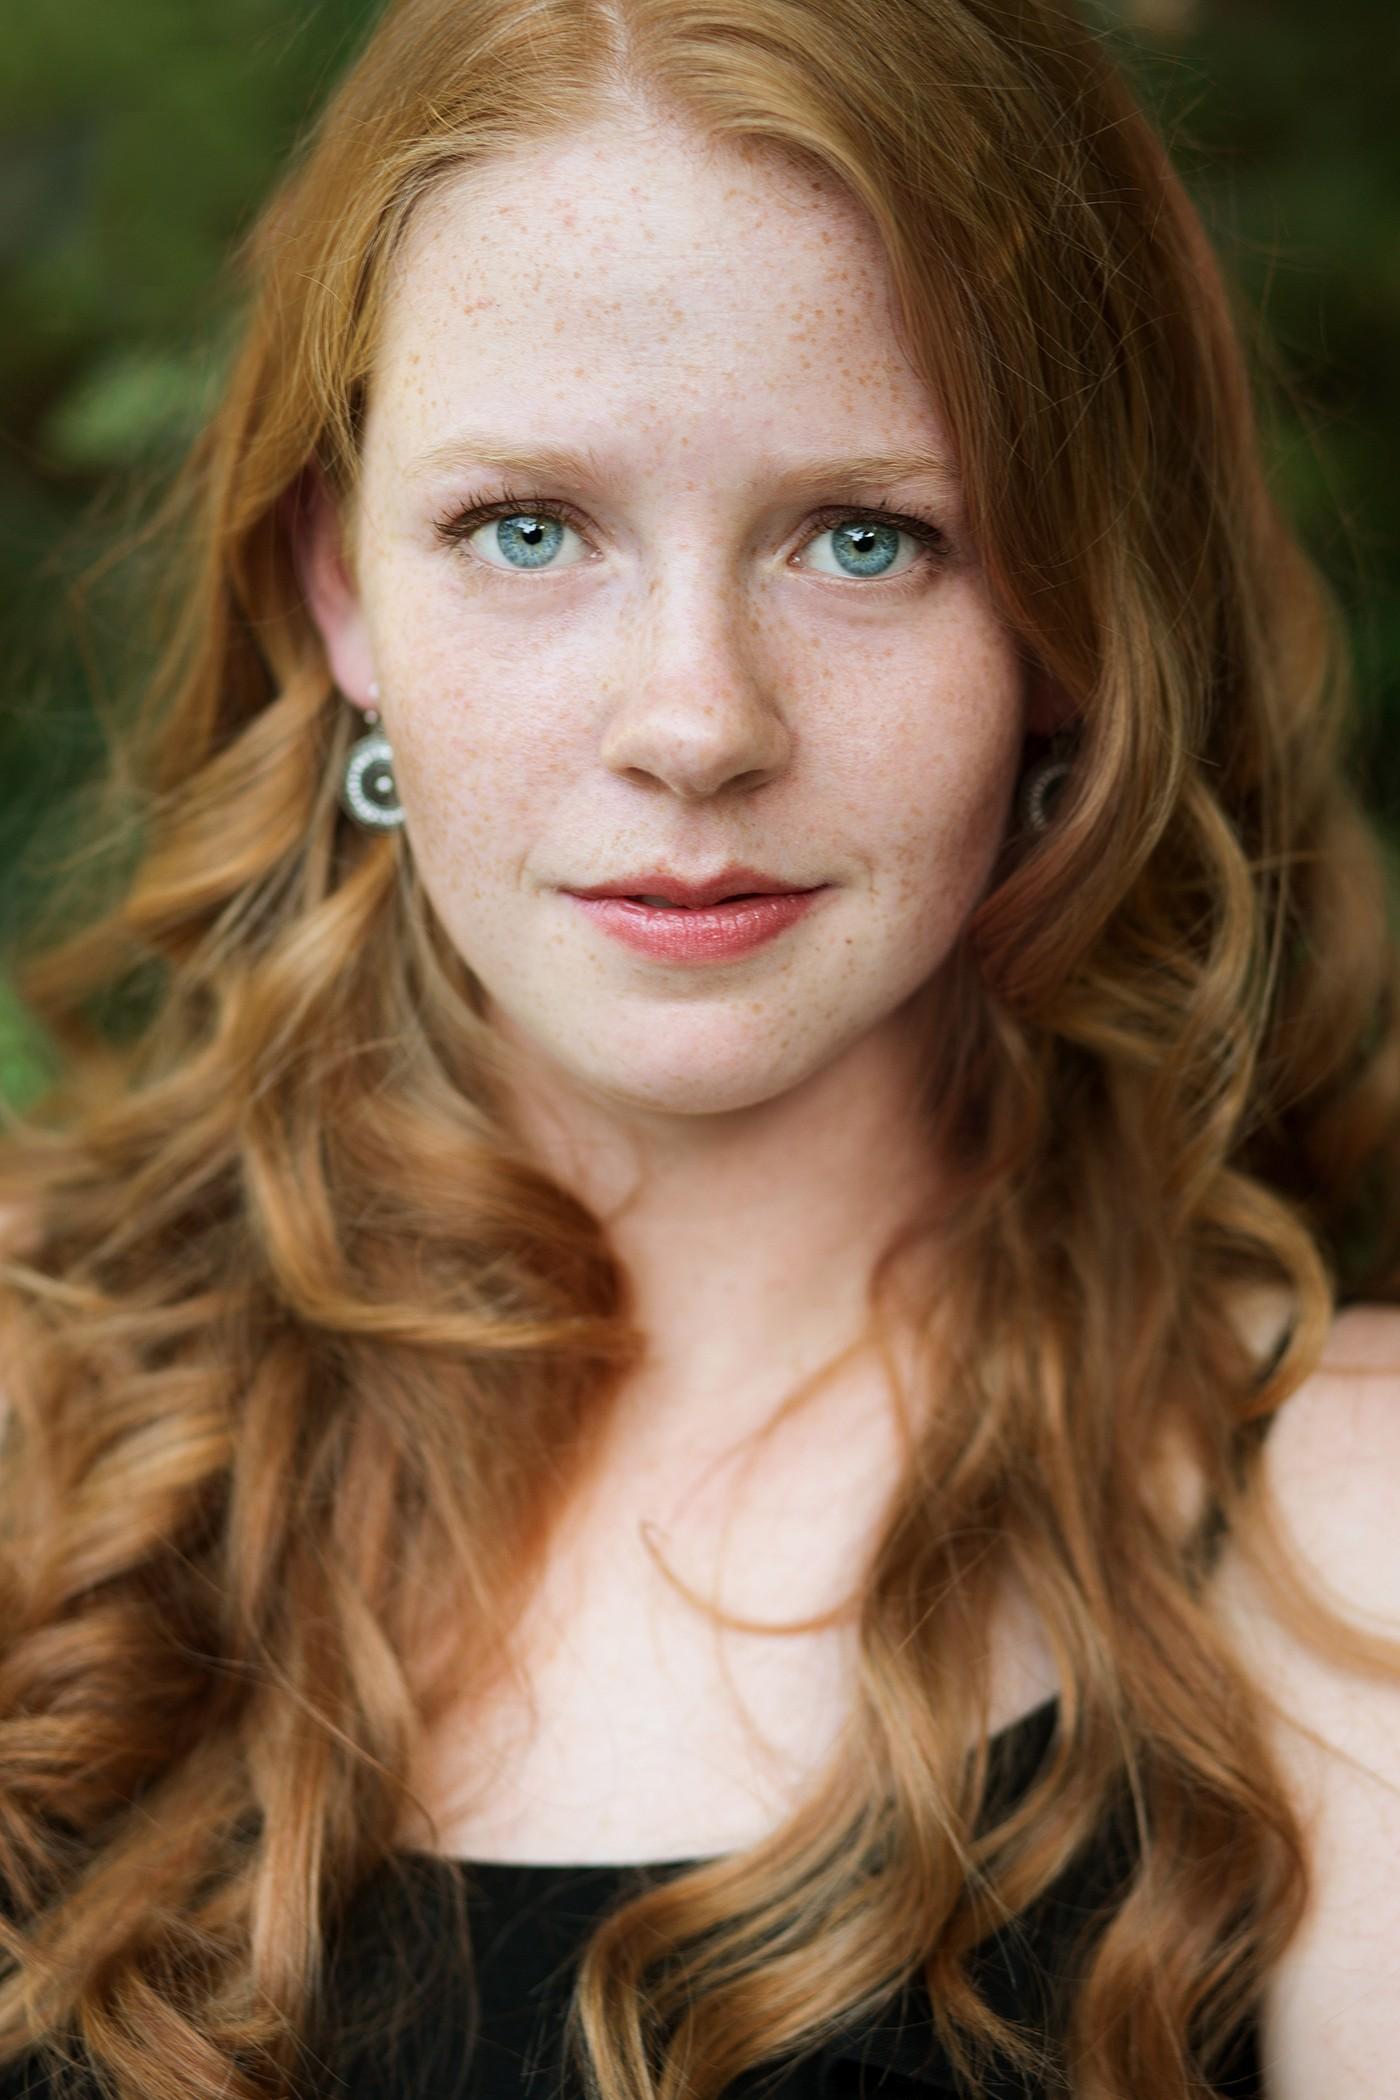 Emma by Mel Karlberg